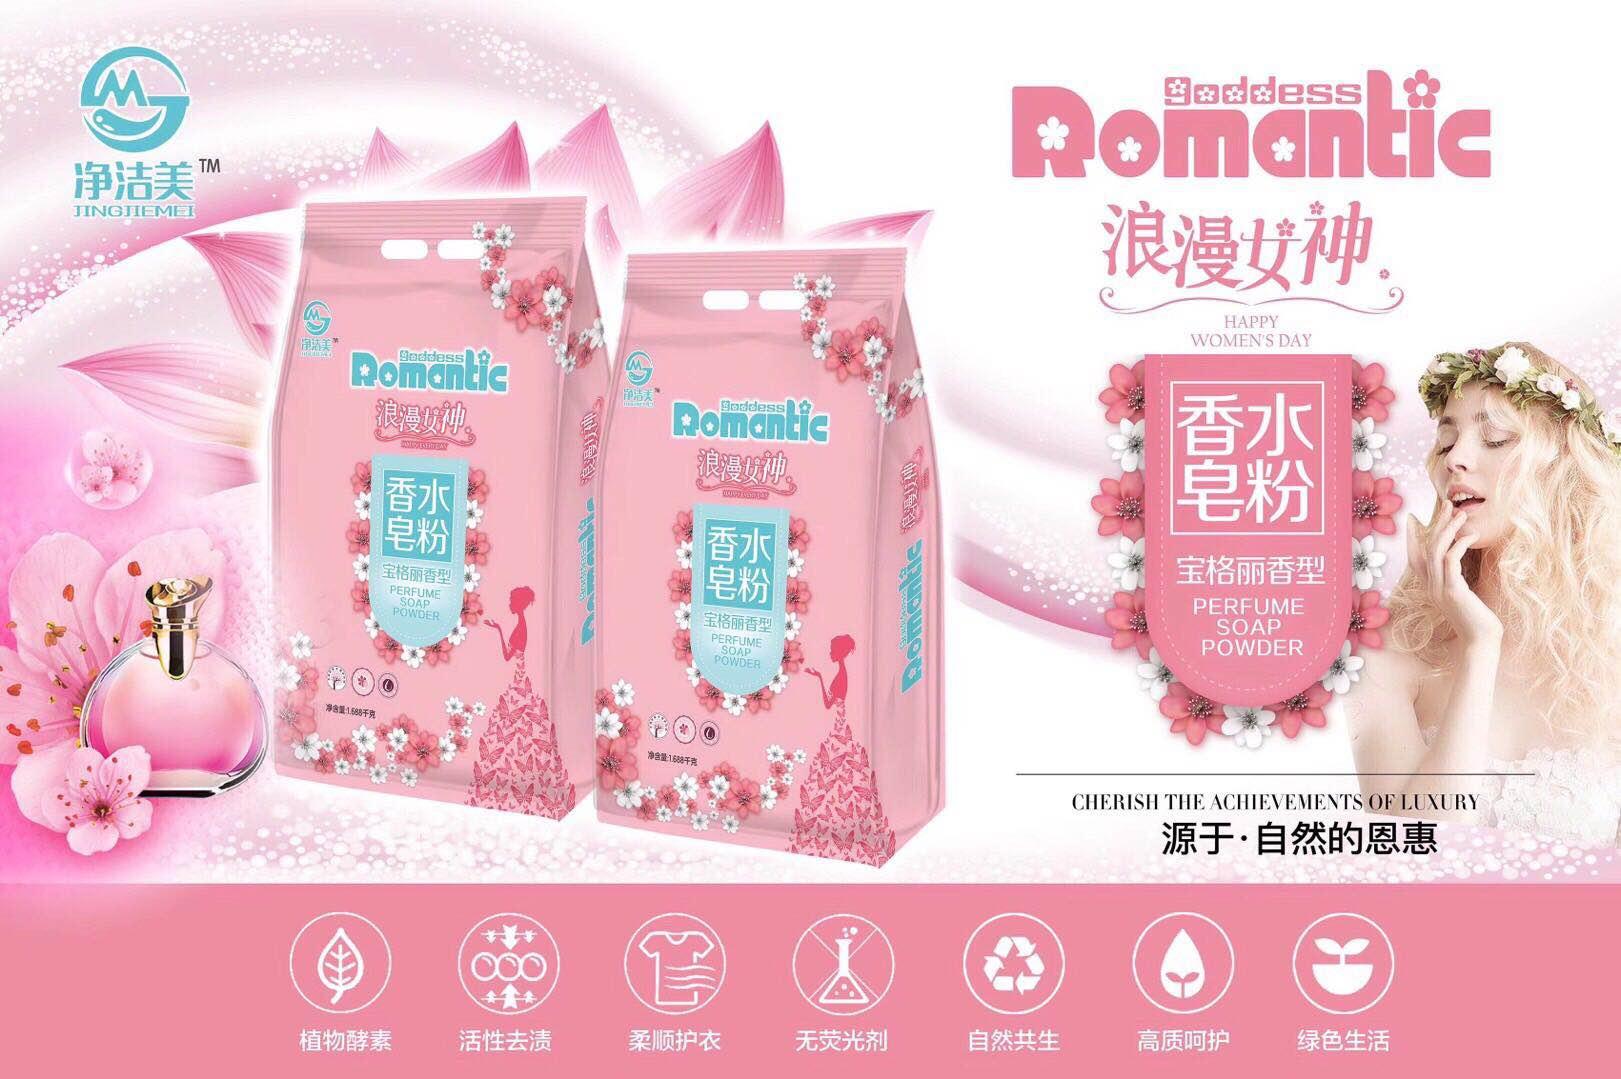 新品净洁美浪漫女神宝格丽宝宝洗衣皂粉香水皂粉不含磷香水洗衣粉